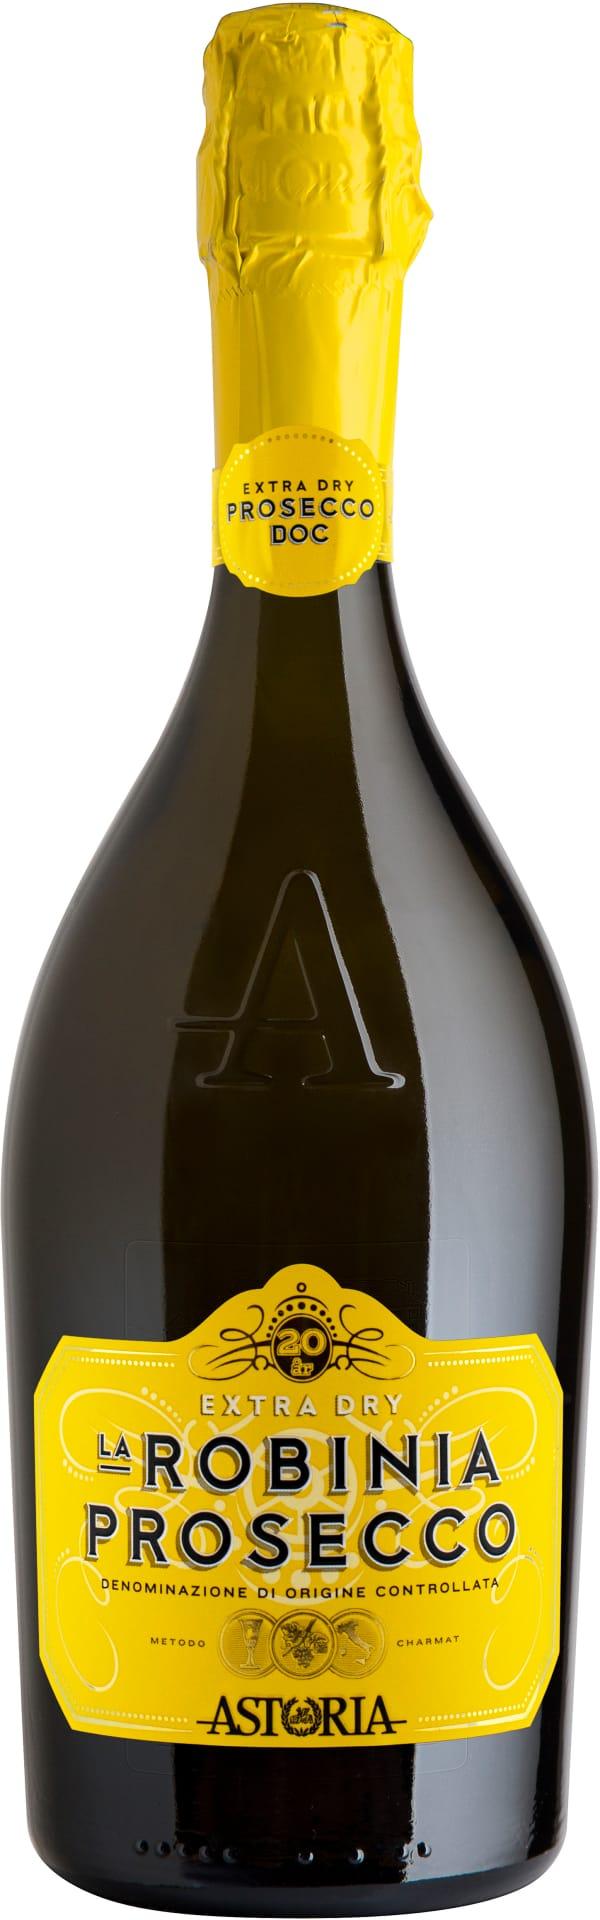 Astoria La Robinia Prosecco Extra Dry